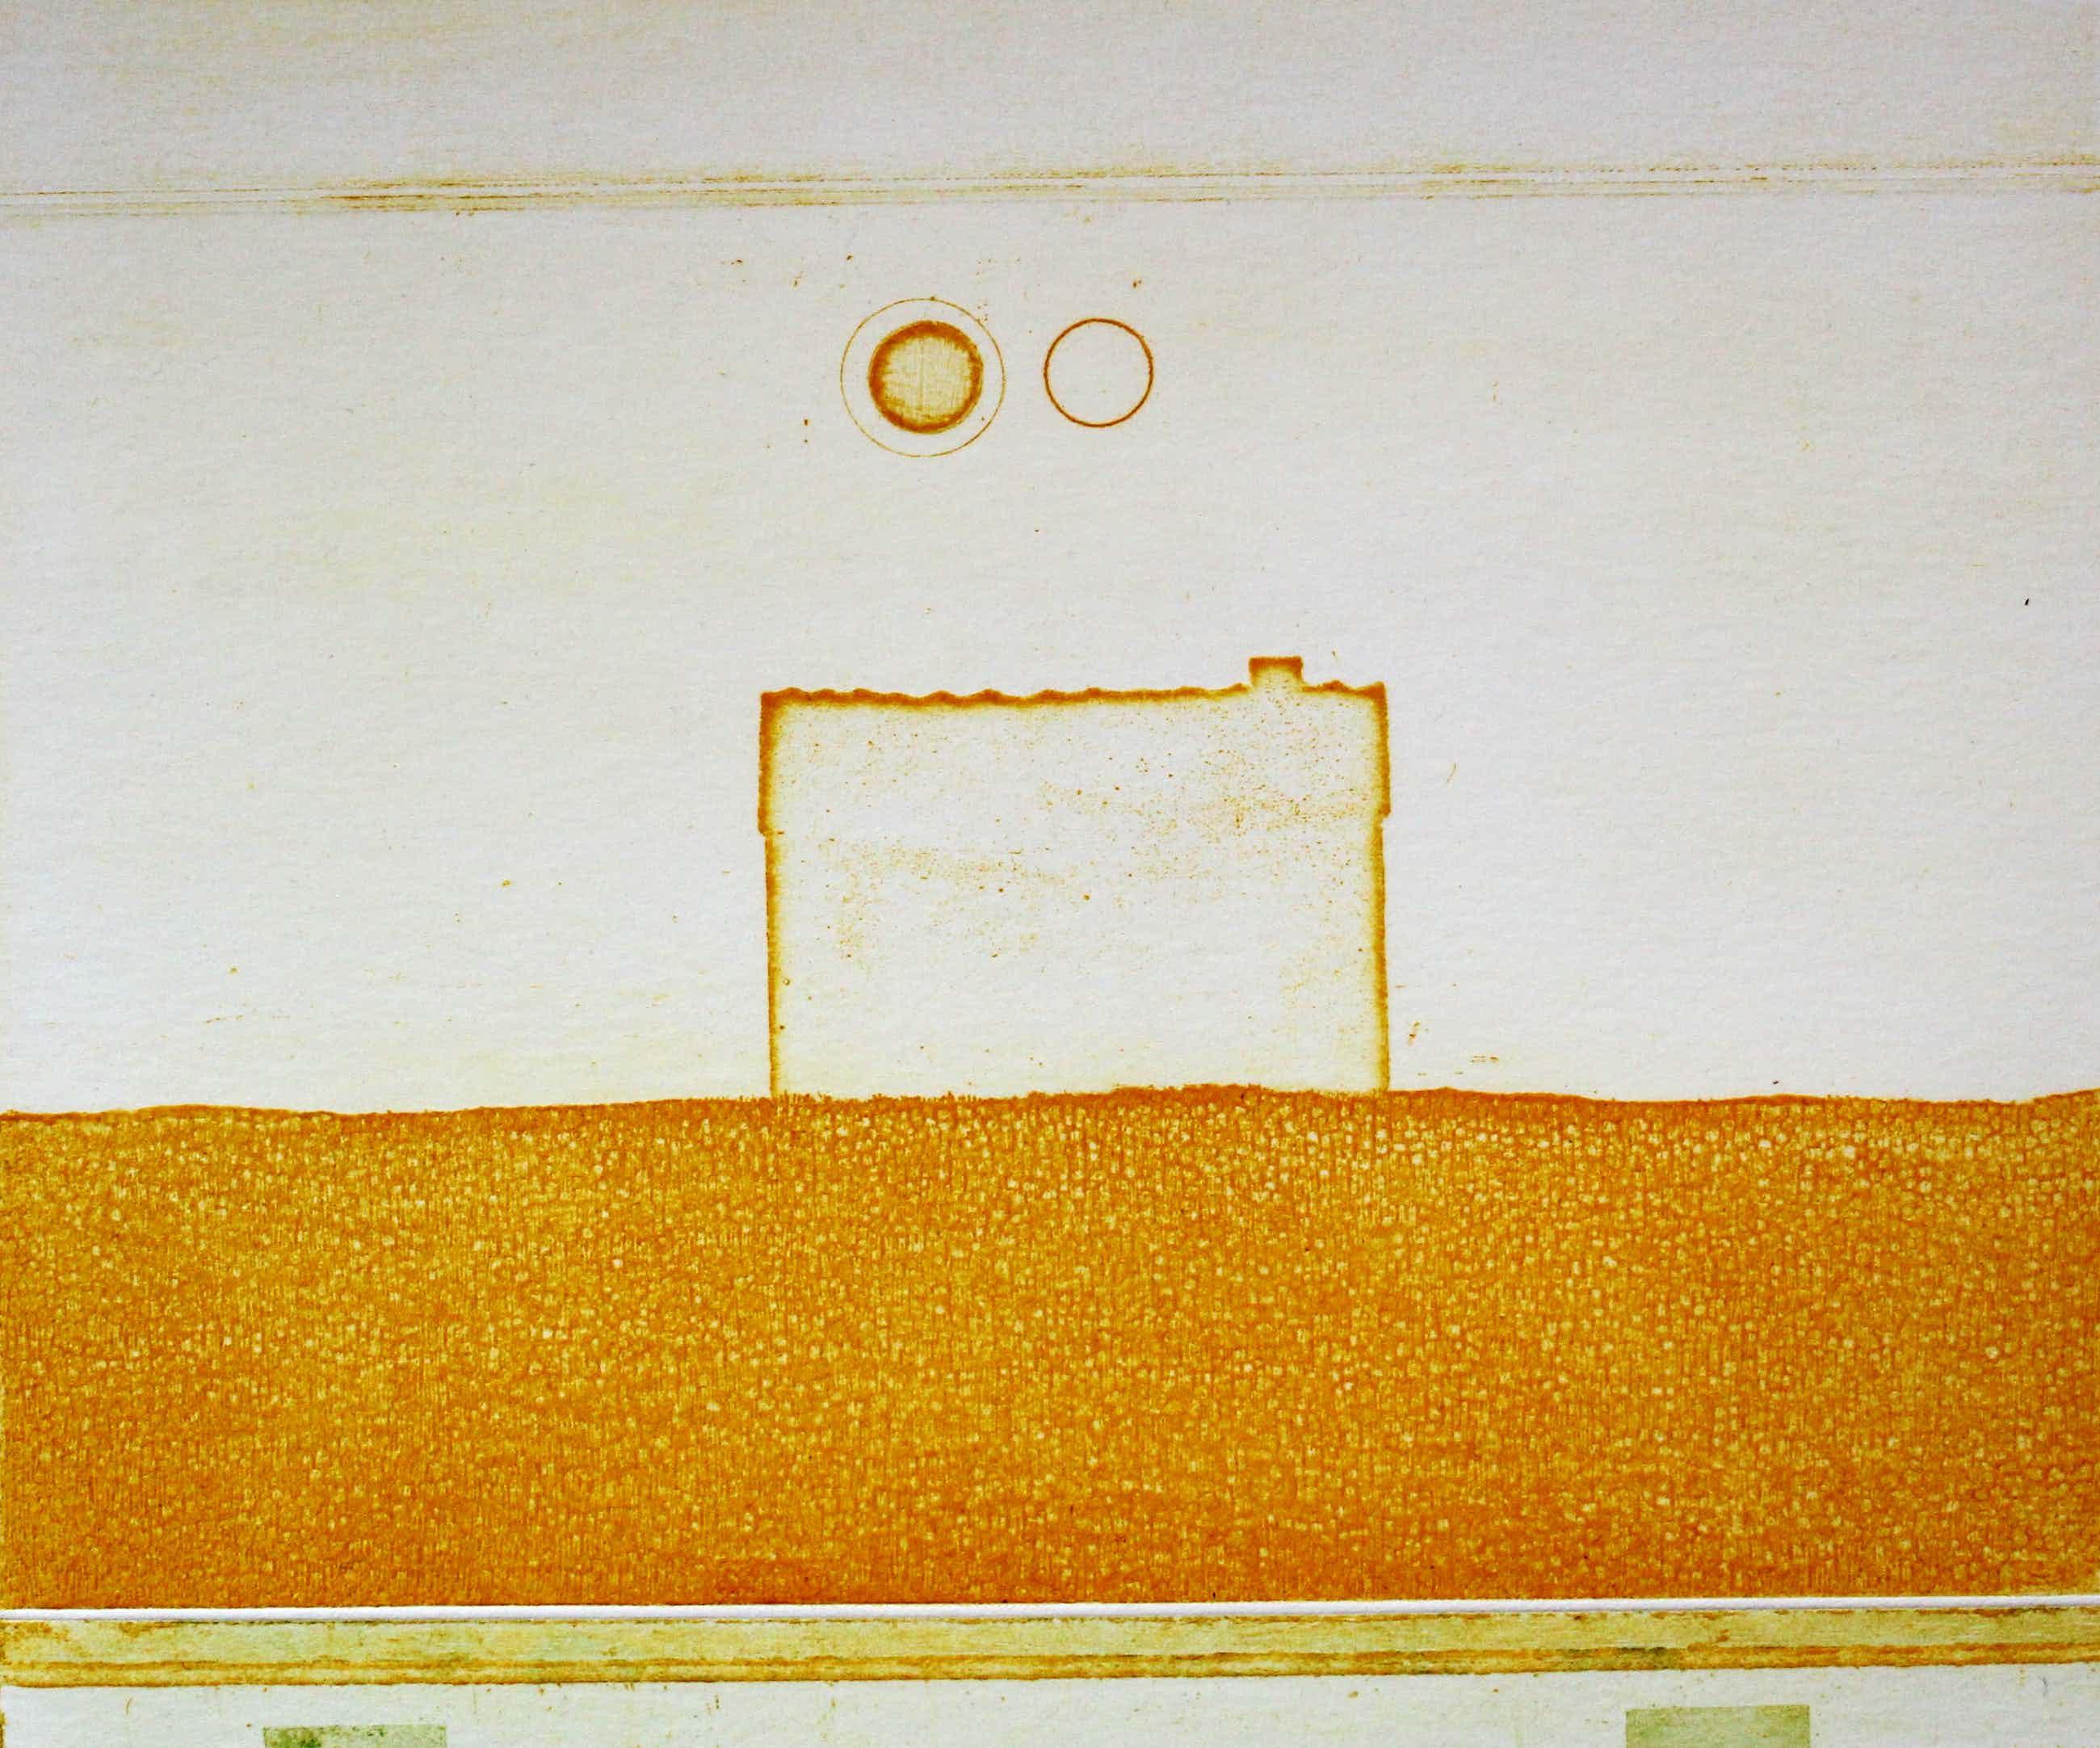 Eduard Flor - Eduard Flor - ets: huis - 1971 kopen? Bied vanaf 50!